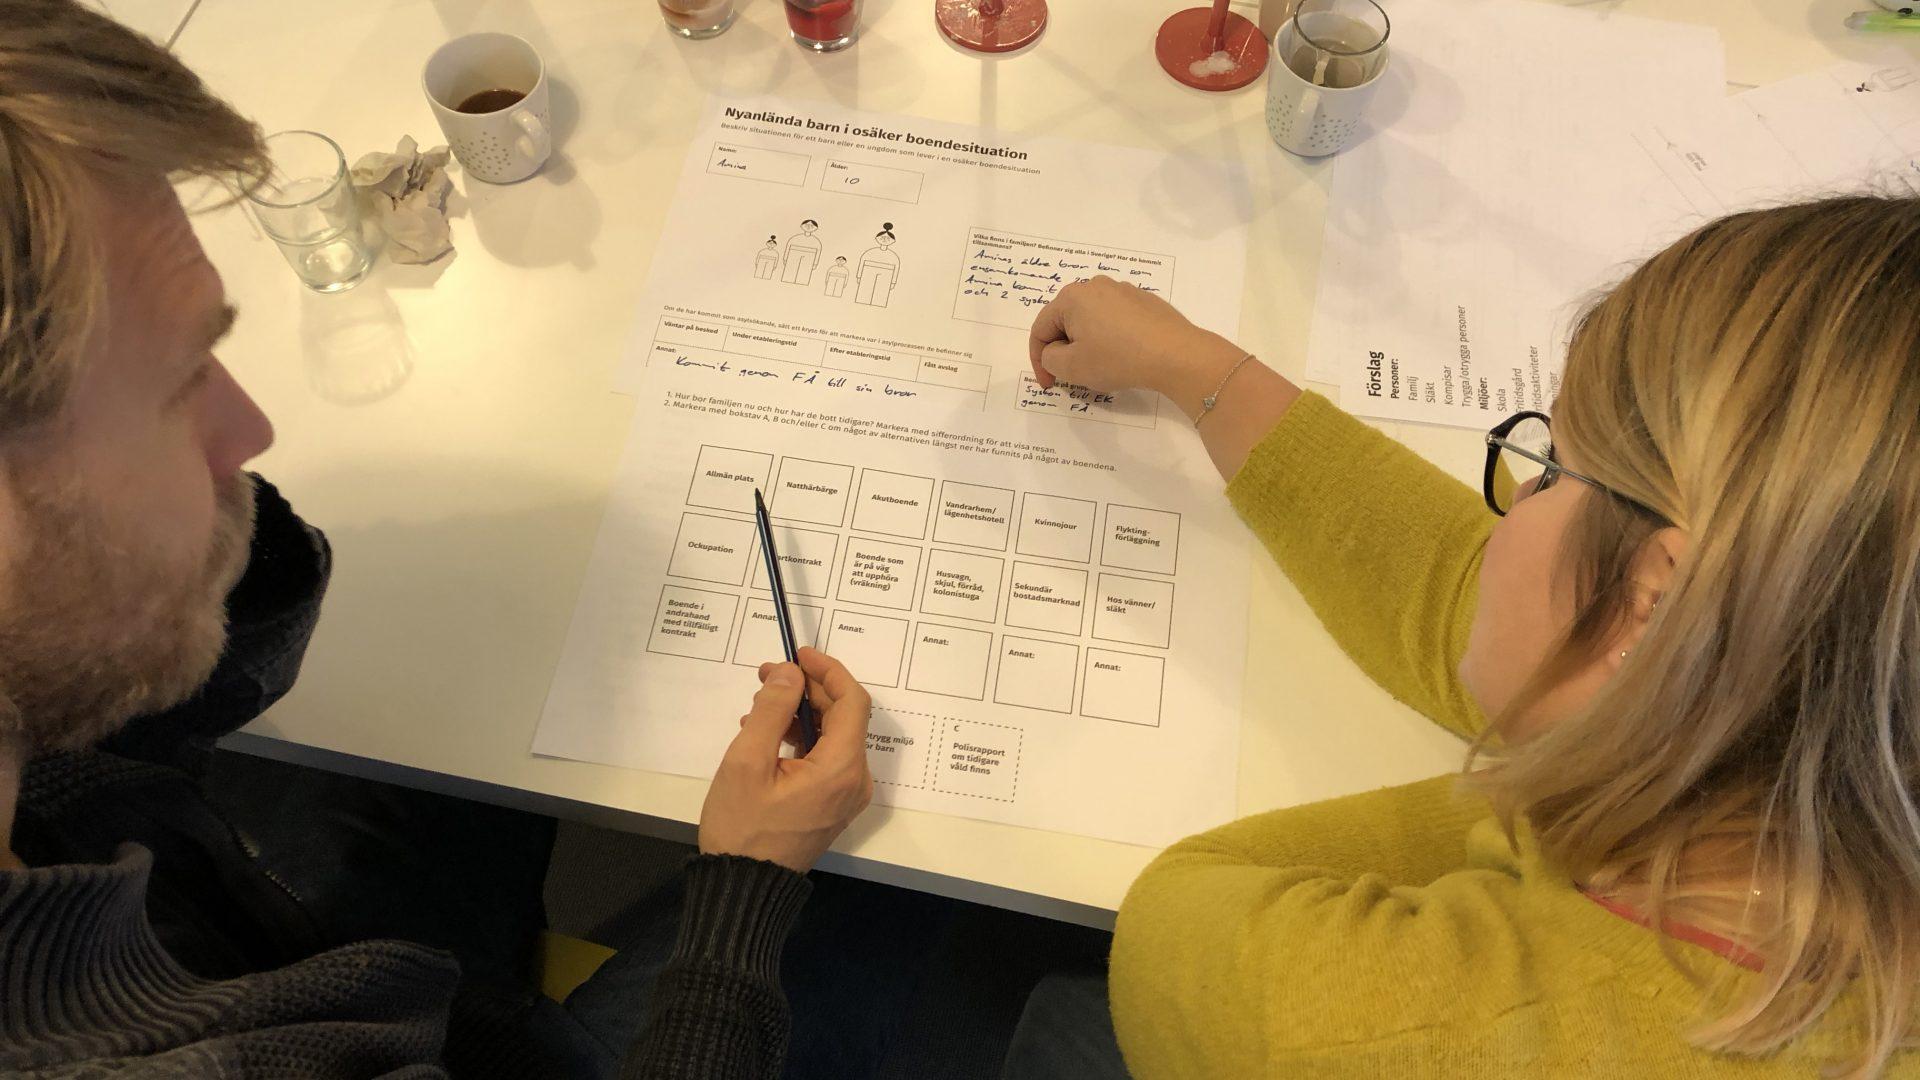 Personer som sitter och diskuterar och fyller i uppgifter på ett papper.